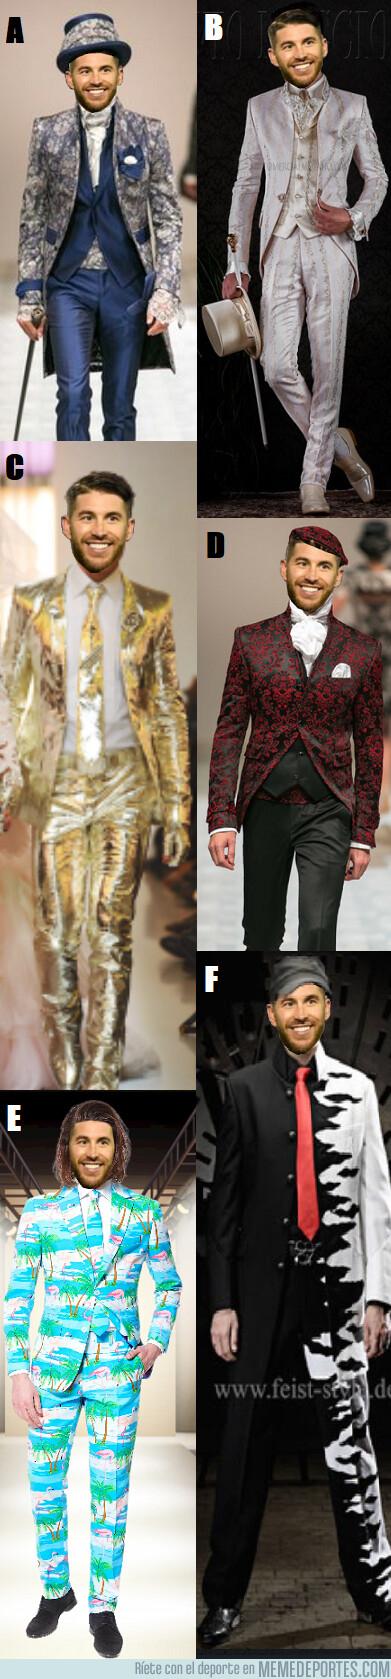 1078188 - Si tuvieras que elegir uno de estos modelitos para el traje de novio de Ramos, ¿cuál hubieses elegido?